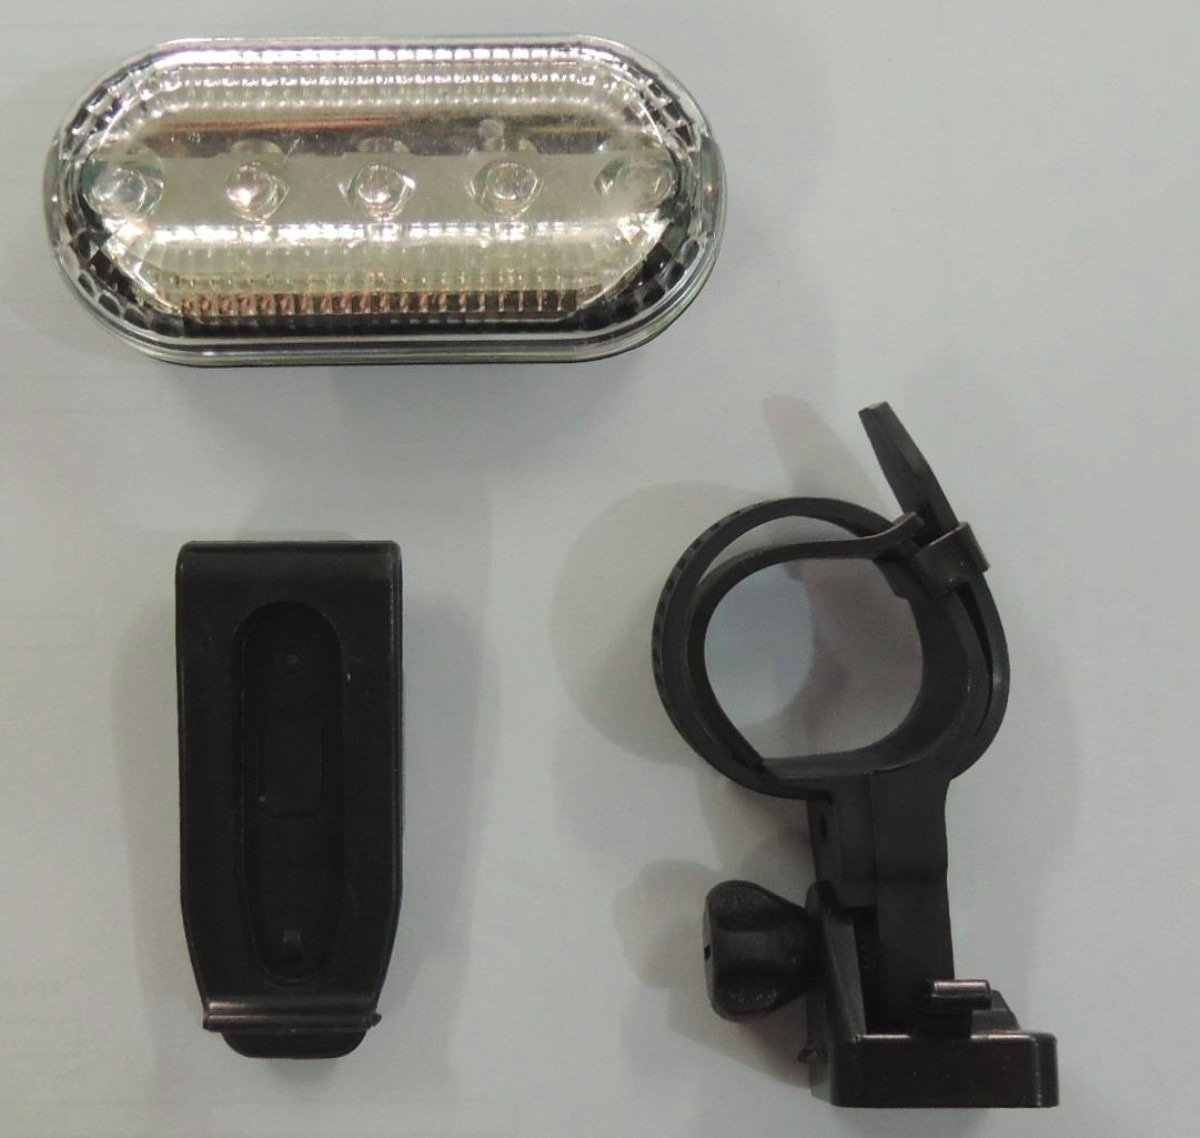 SINALIZADOR TRASEIRO 5 LEDS AZUL MOD: SH-105